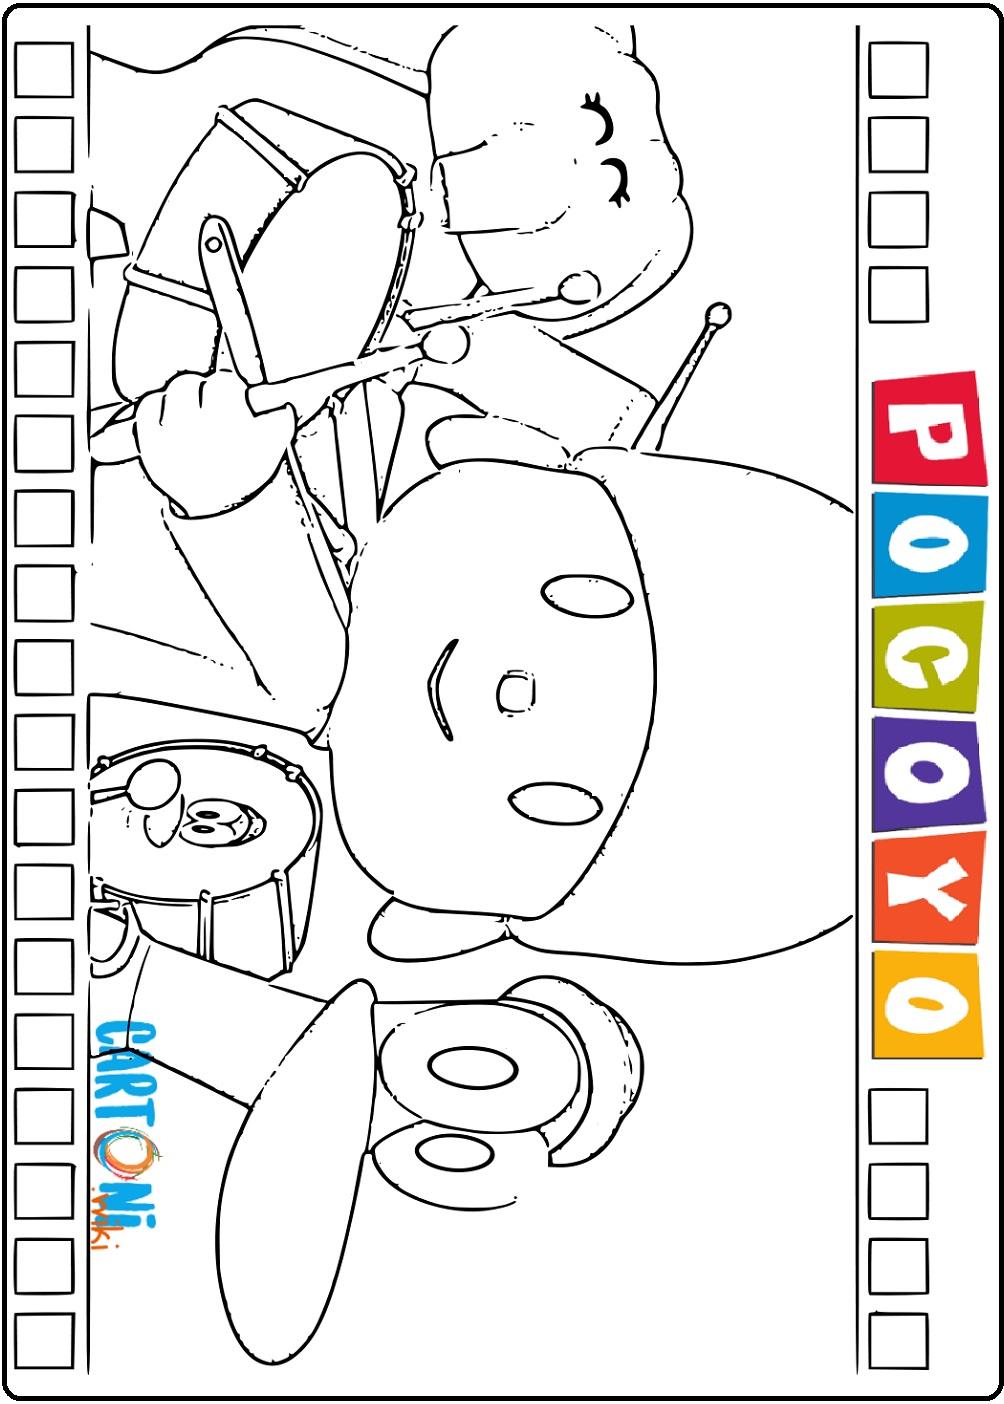 Disegni di Pocoyo da colorare - Disegni da colorare